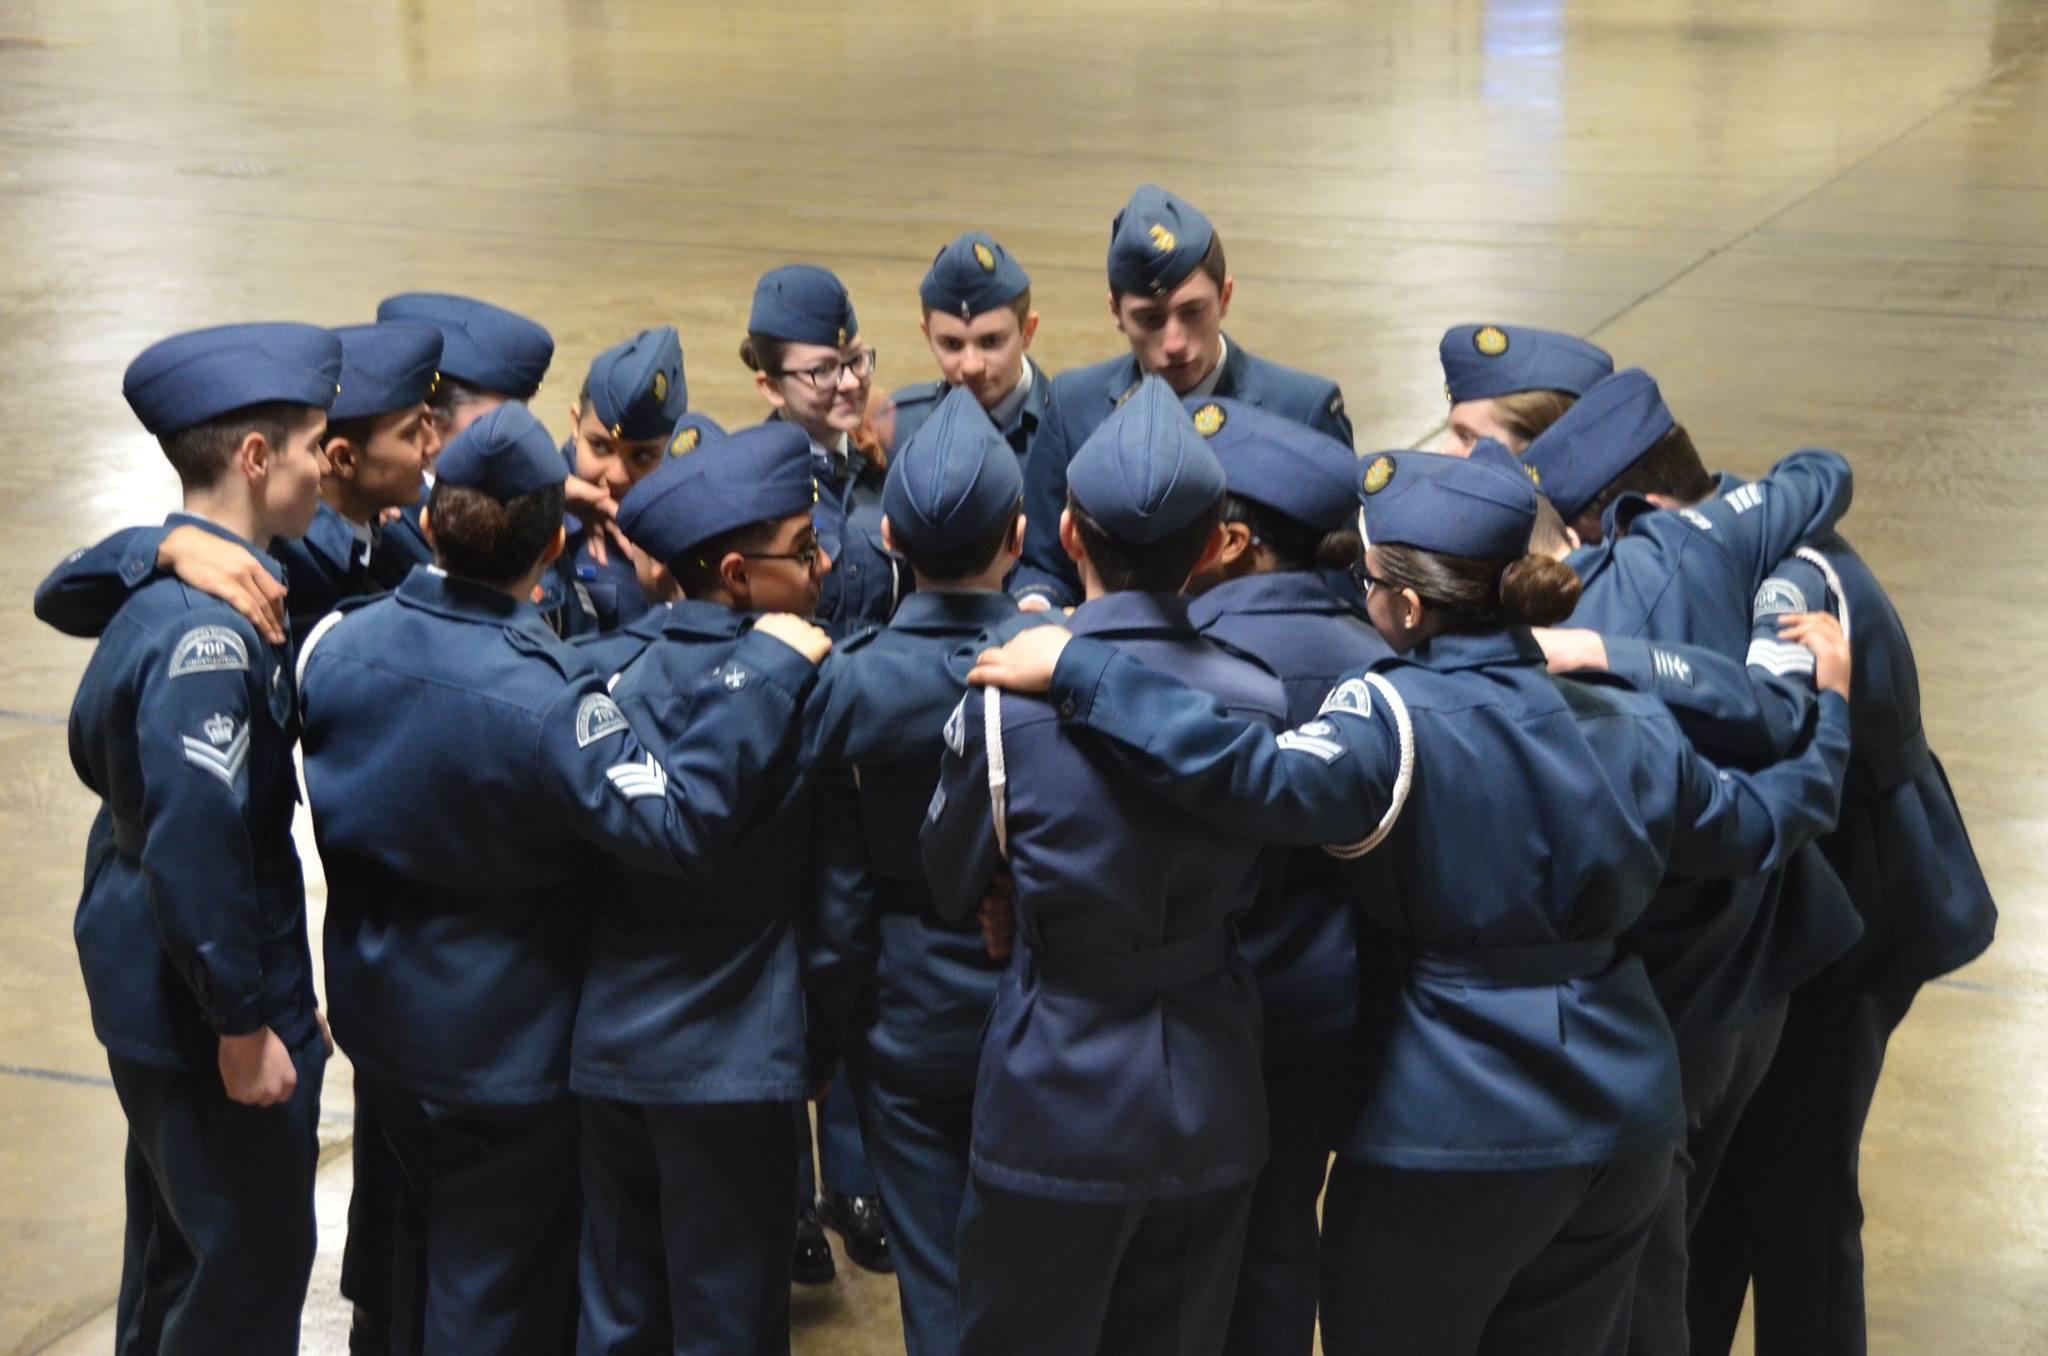 Escadron 709